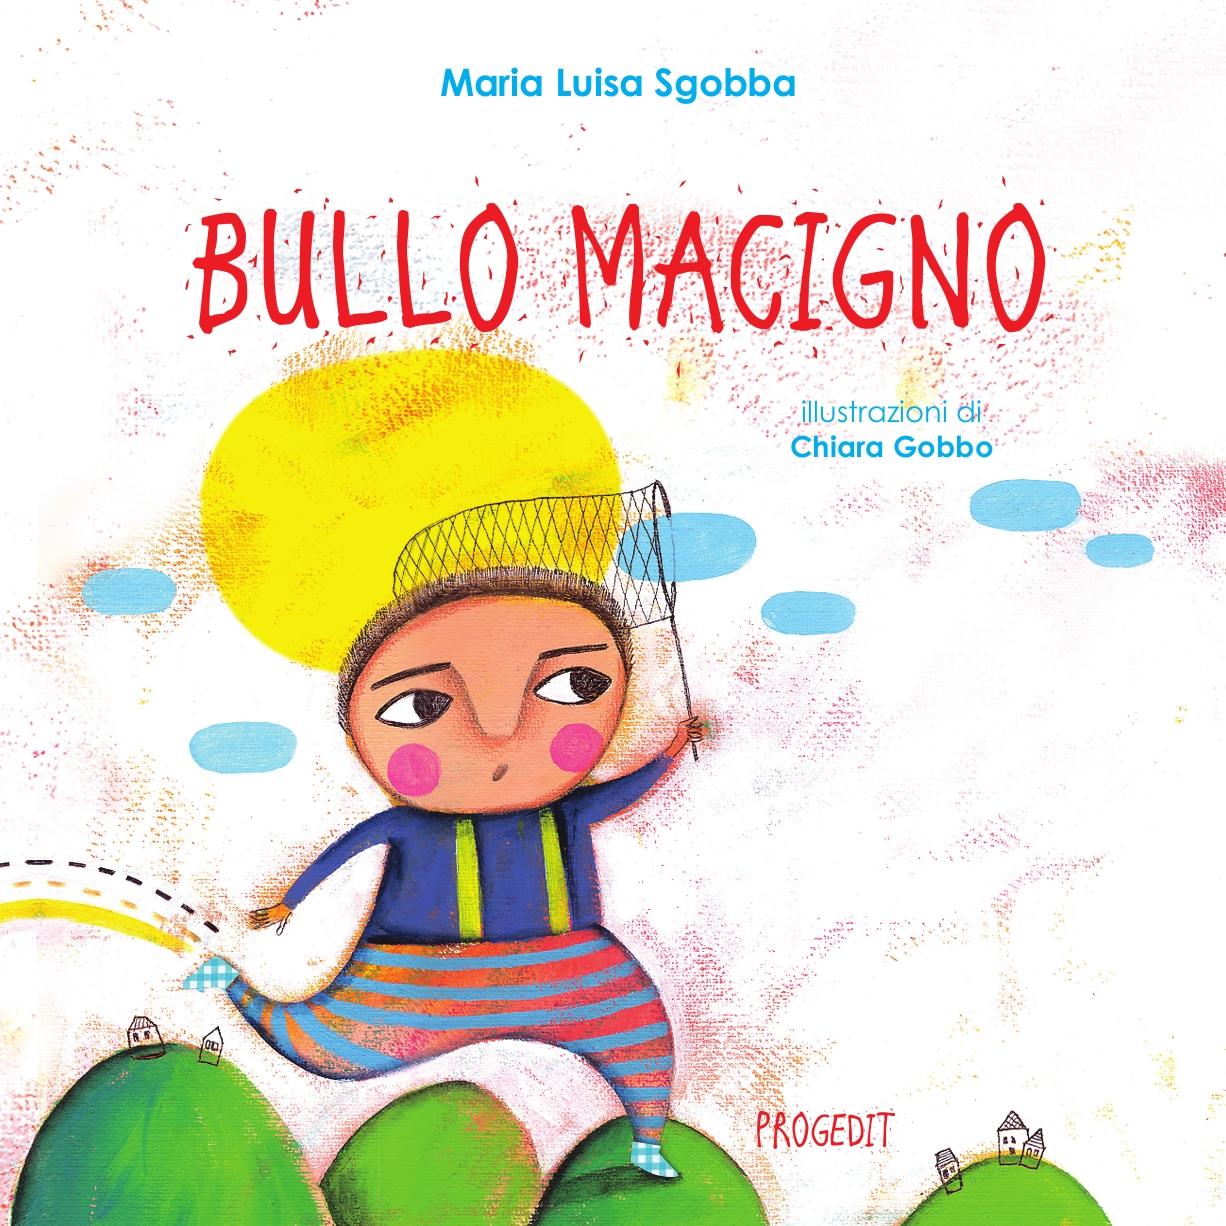 Bullo Macigno